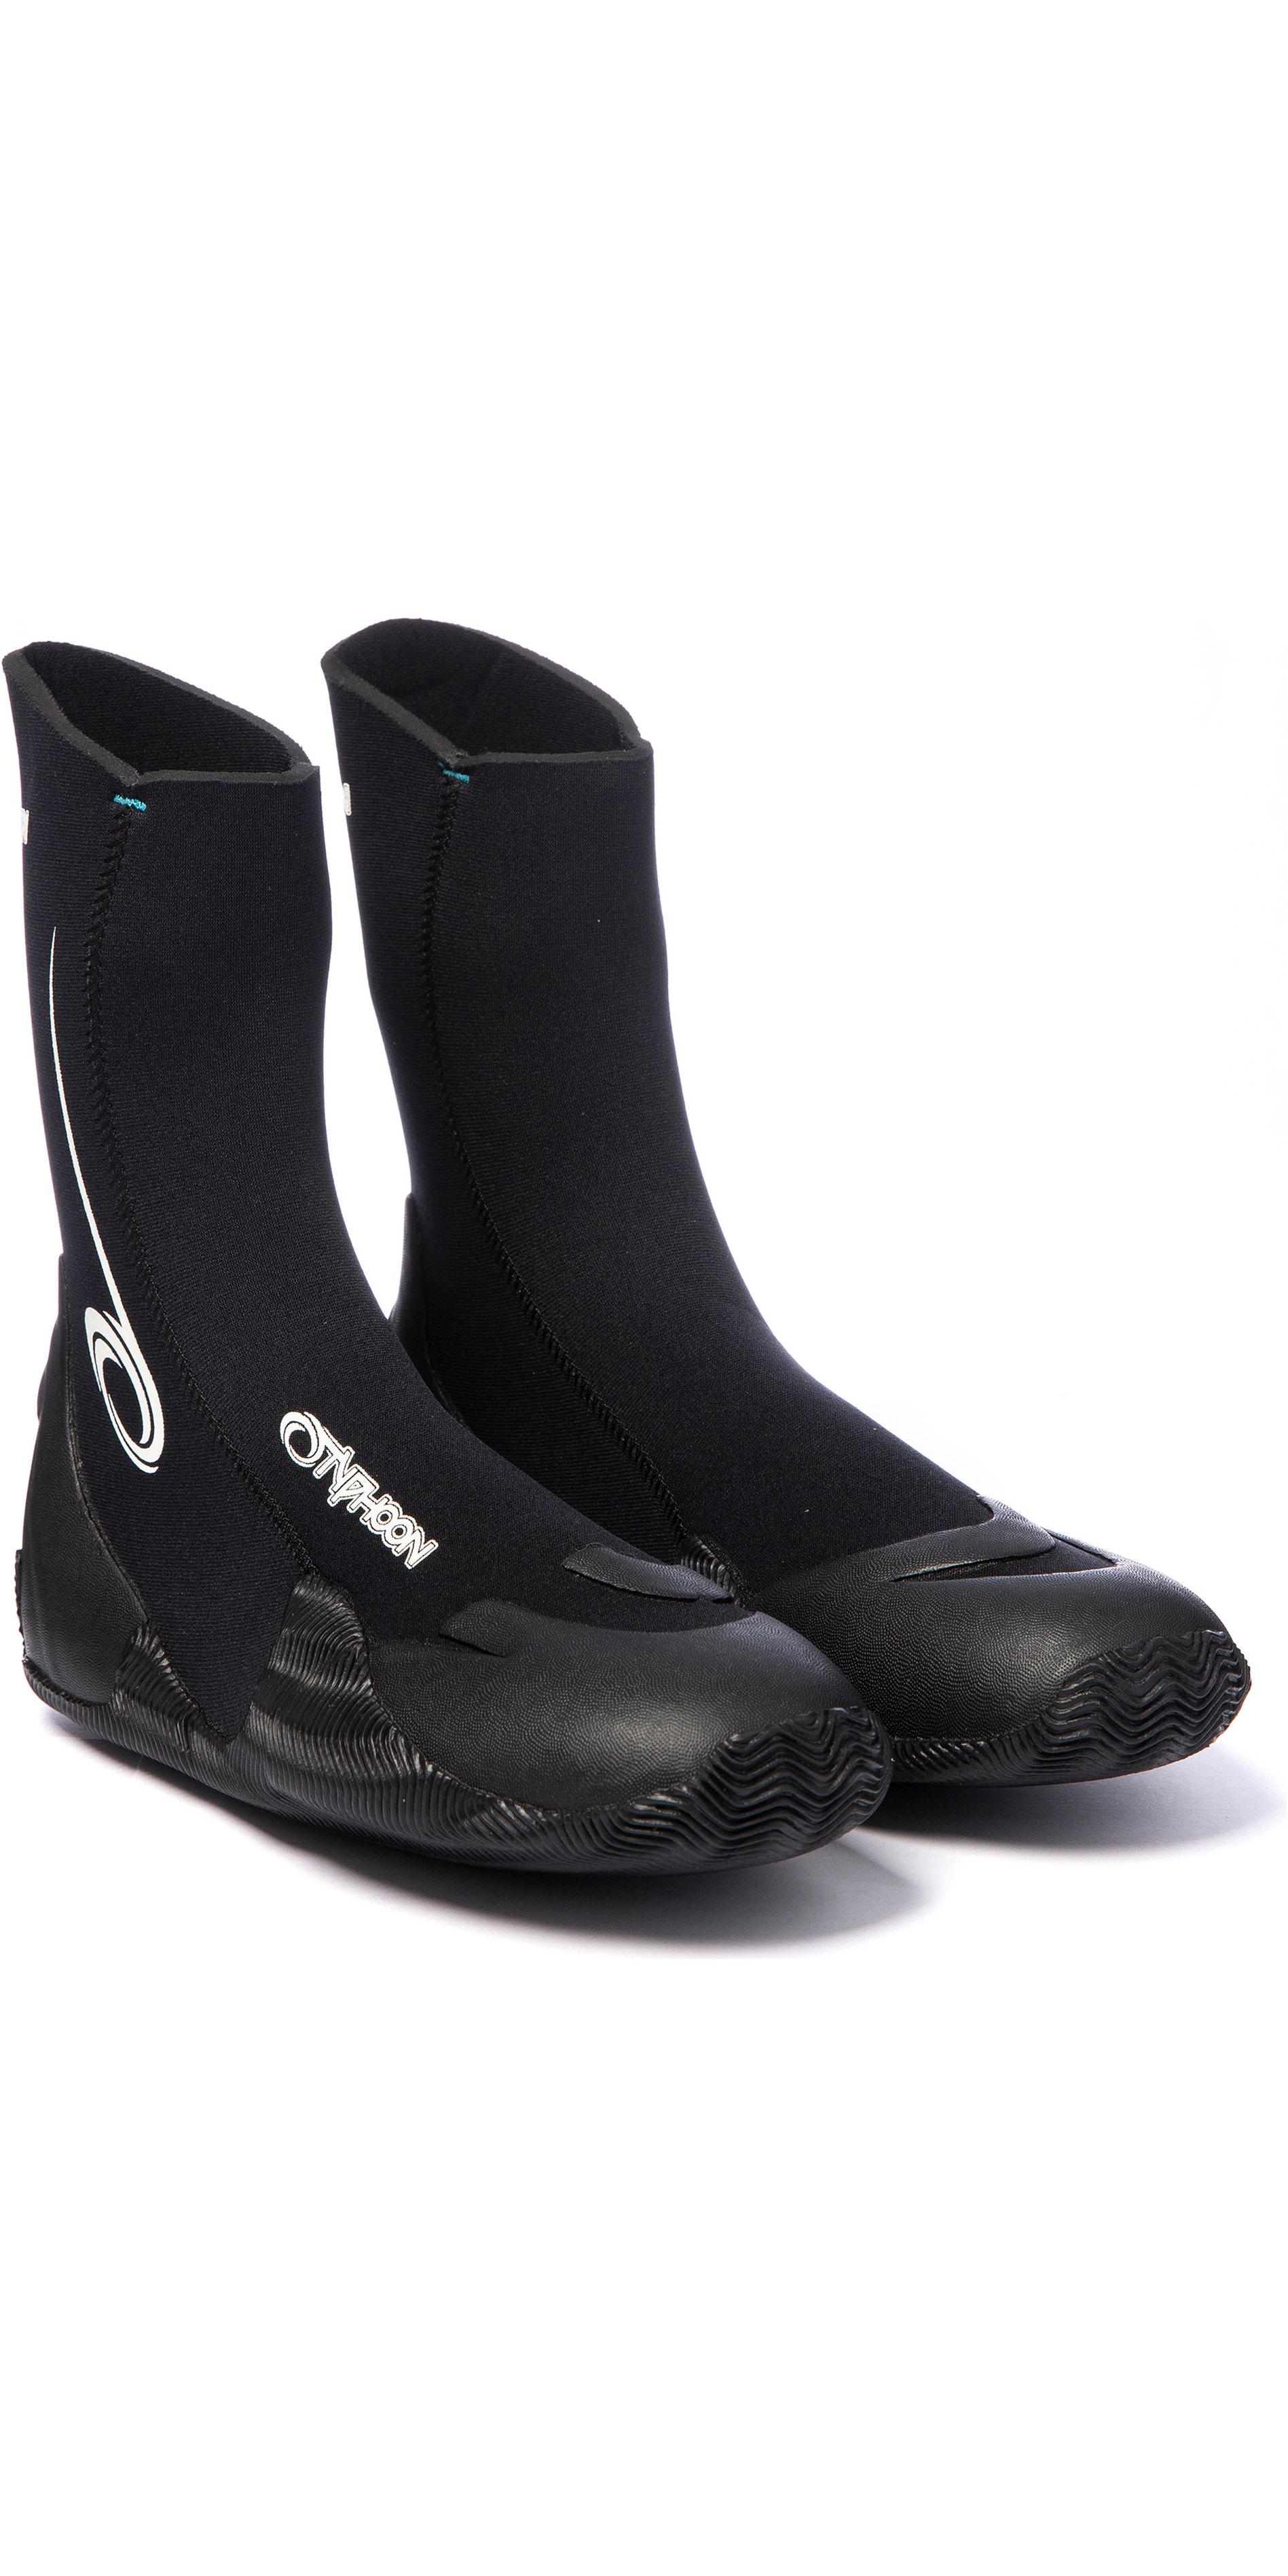 2019 Typhoon Vortex 5mm Round Toe Wetsuit Boots 300320 - Black